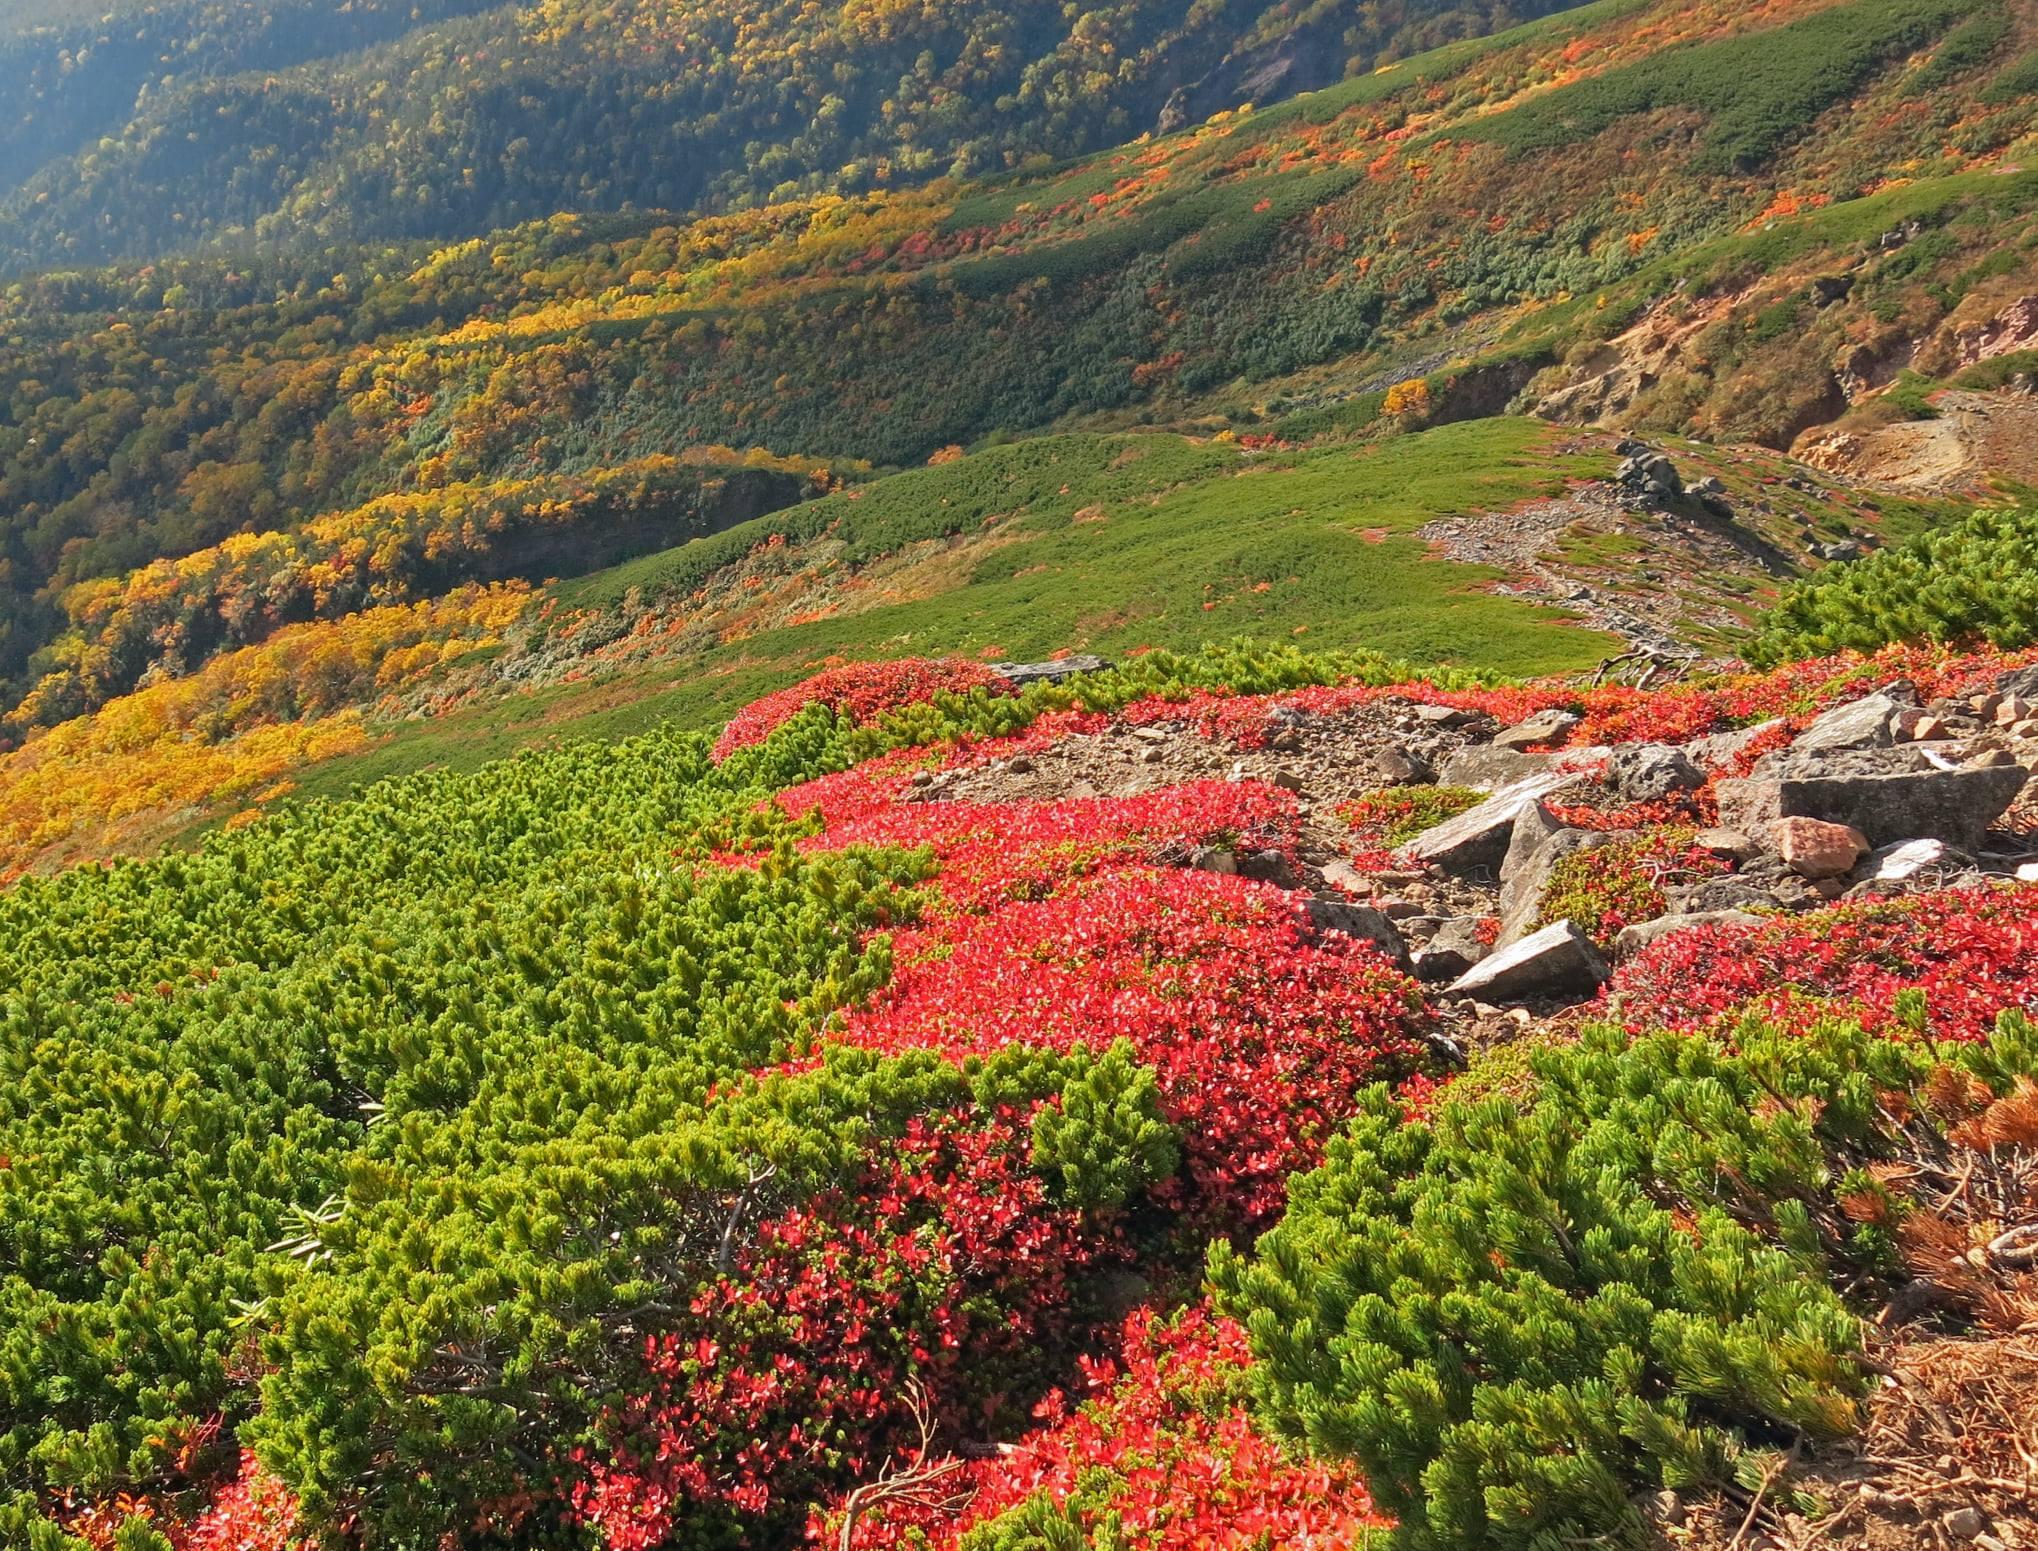 標高の高い山ではそろそろ紅葉が始まる季節ですね!